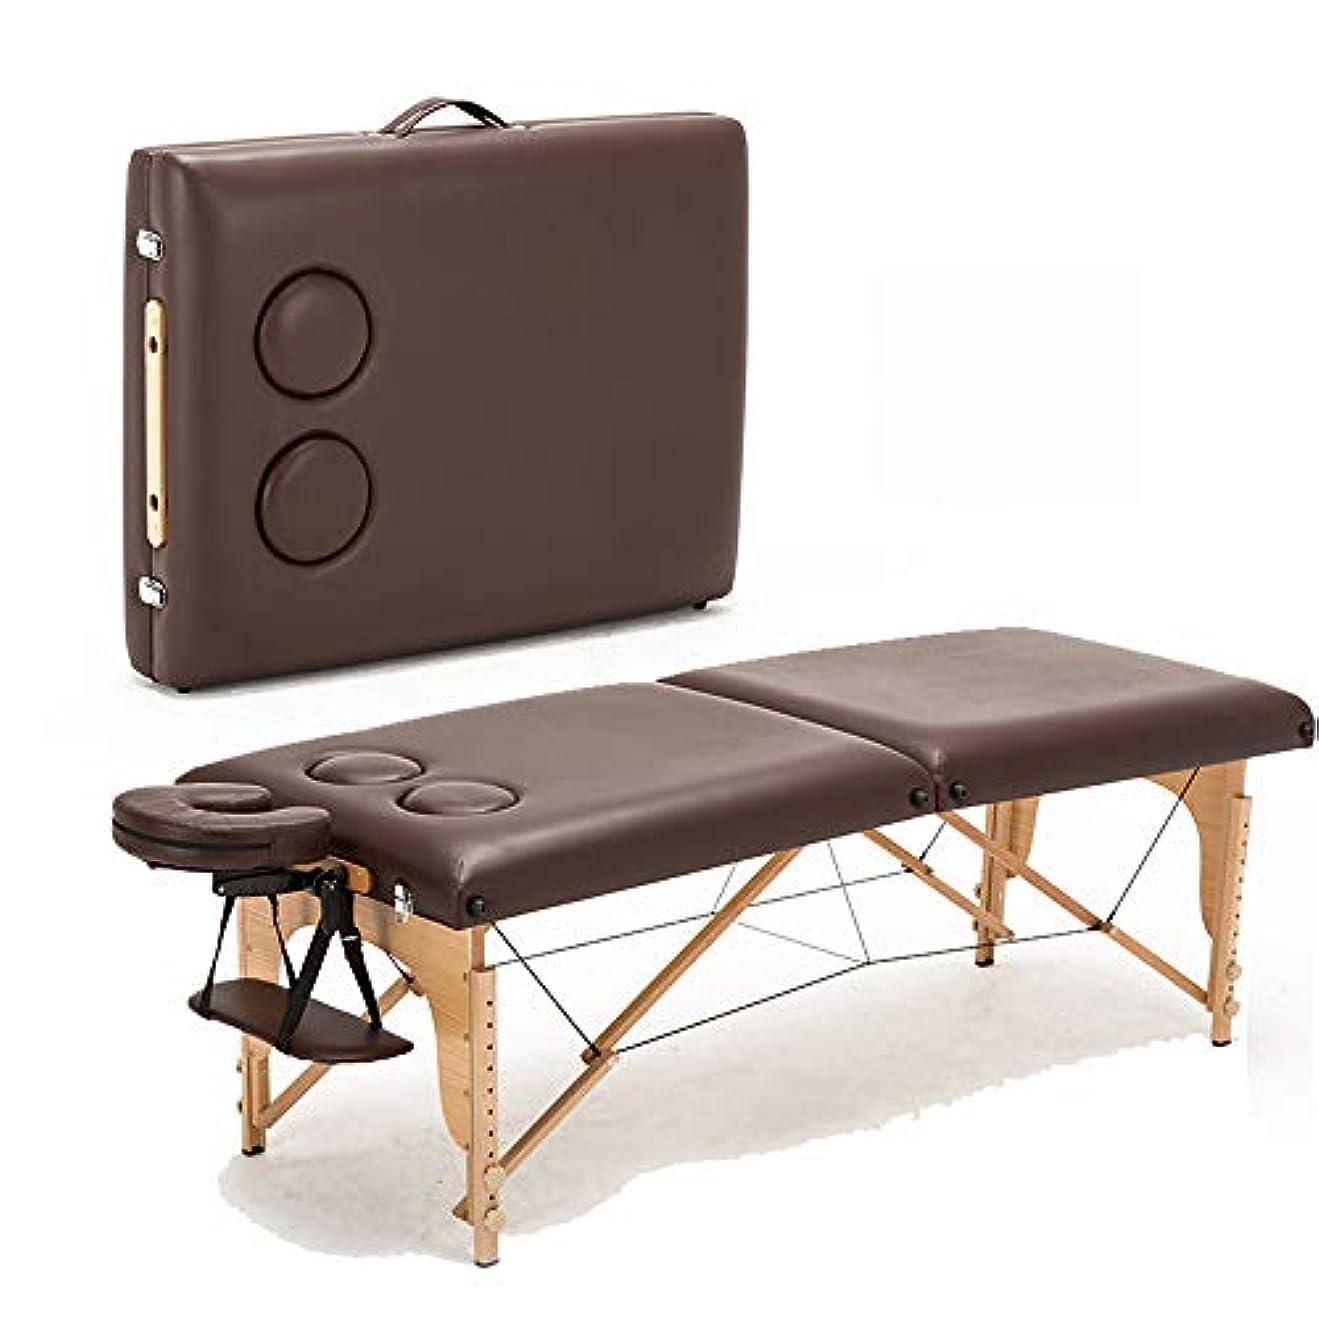 毒配分ばかげている妊娠中の女性のための胸のマッサージ表スパタトゥービューティー家具ポータブル折り畳み式のサロン乳促進マッサージベッド185 * 70 CM,ブラウン